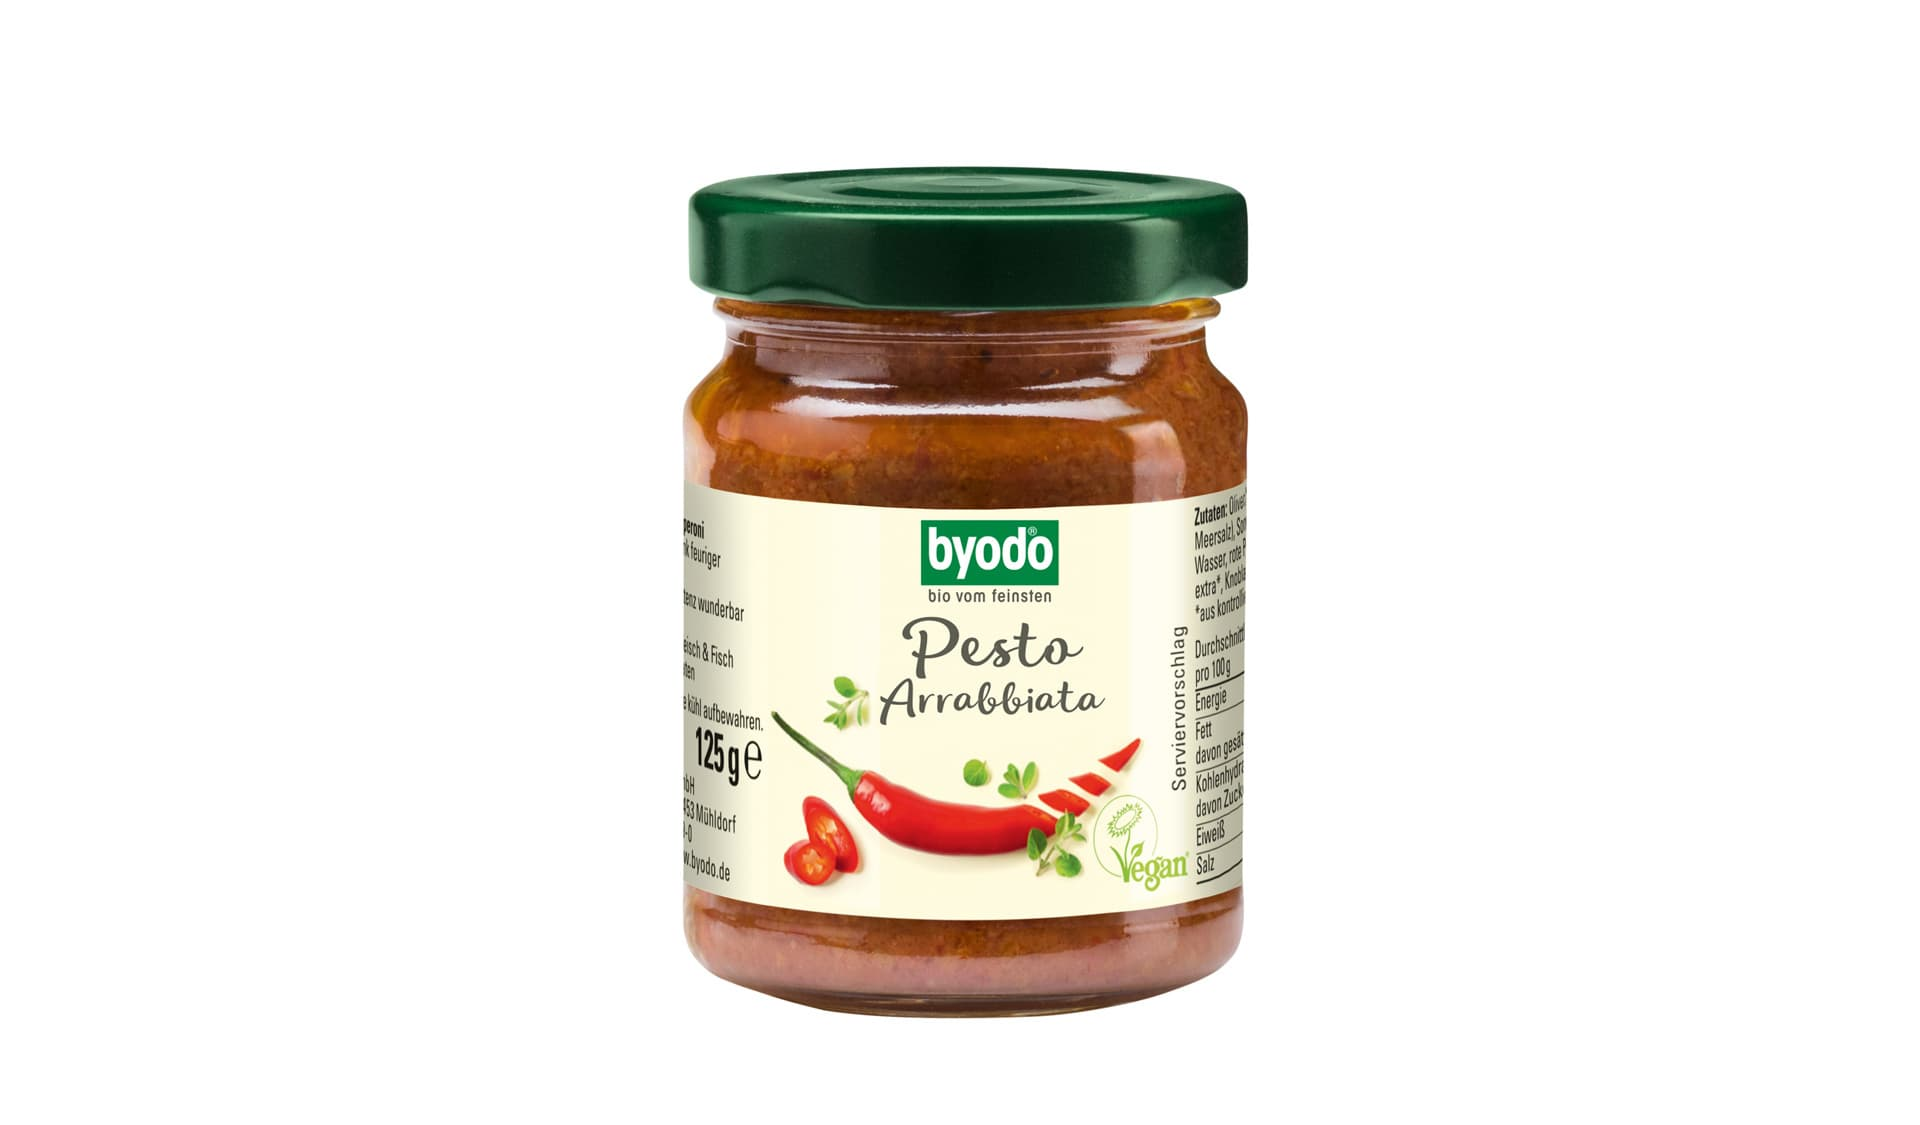 Byodo (www.byodo.de) Pesto Arrabiata